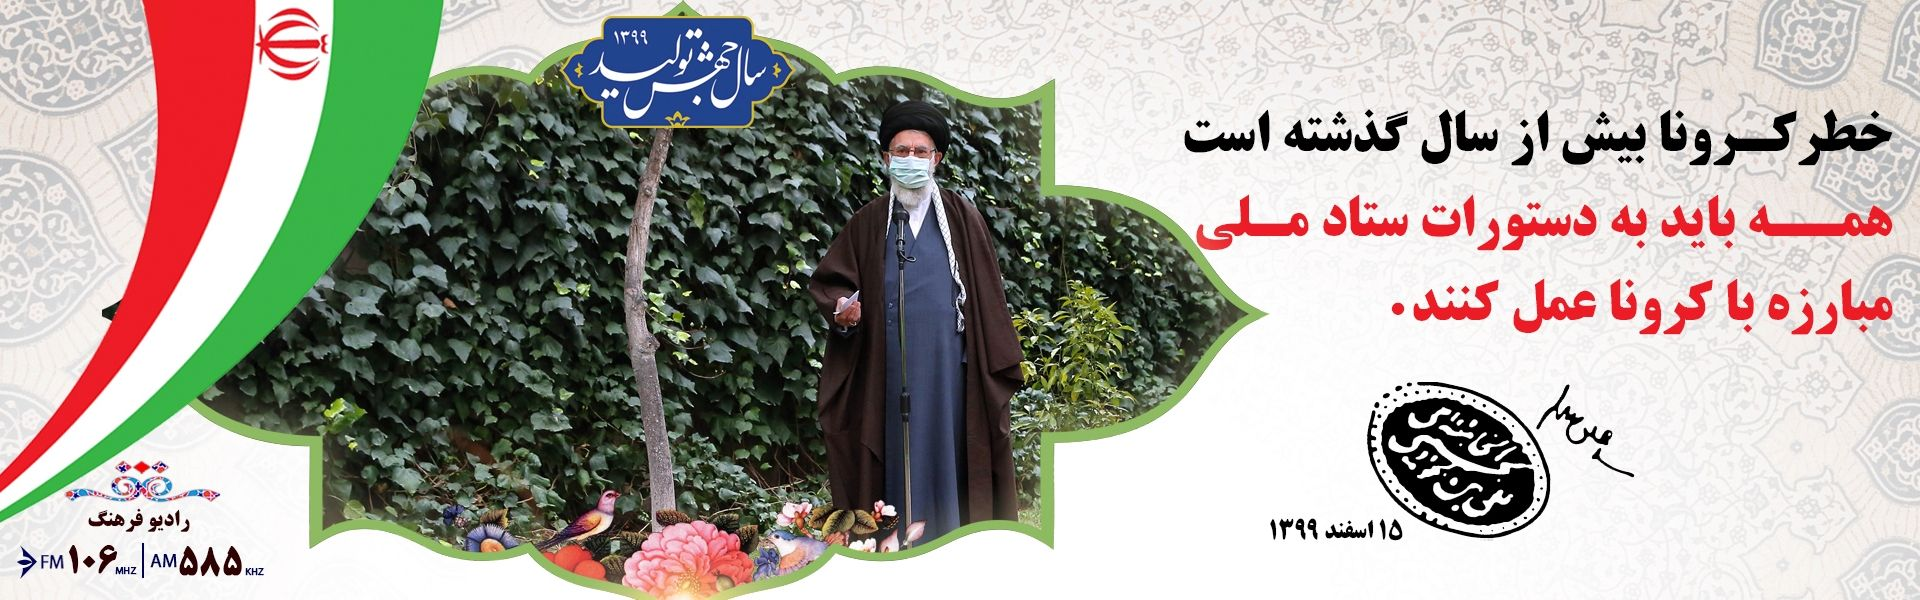 کاشت دو نهال میوه توسط رهبر انقلاب اسلامی به مناسبت روز درختکاری و هفته منابع طبیعی